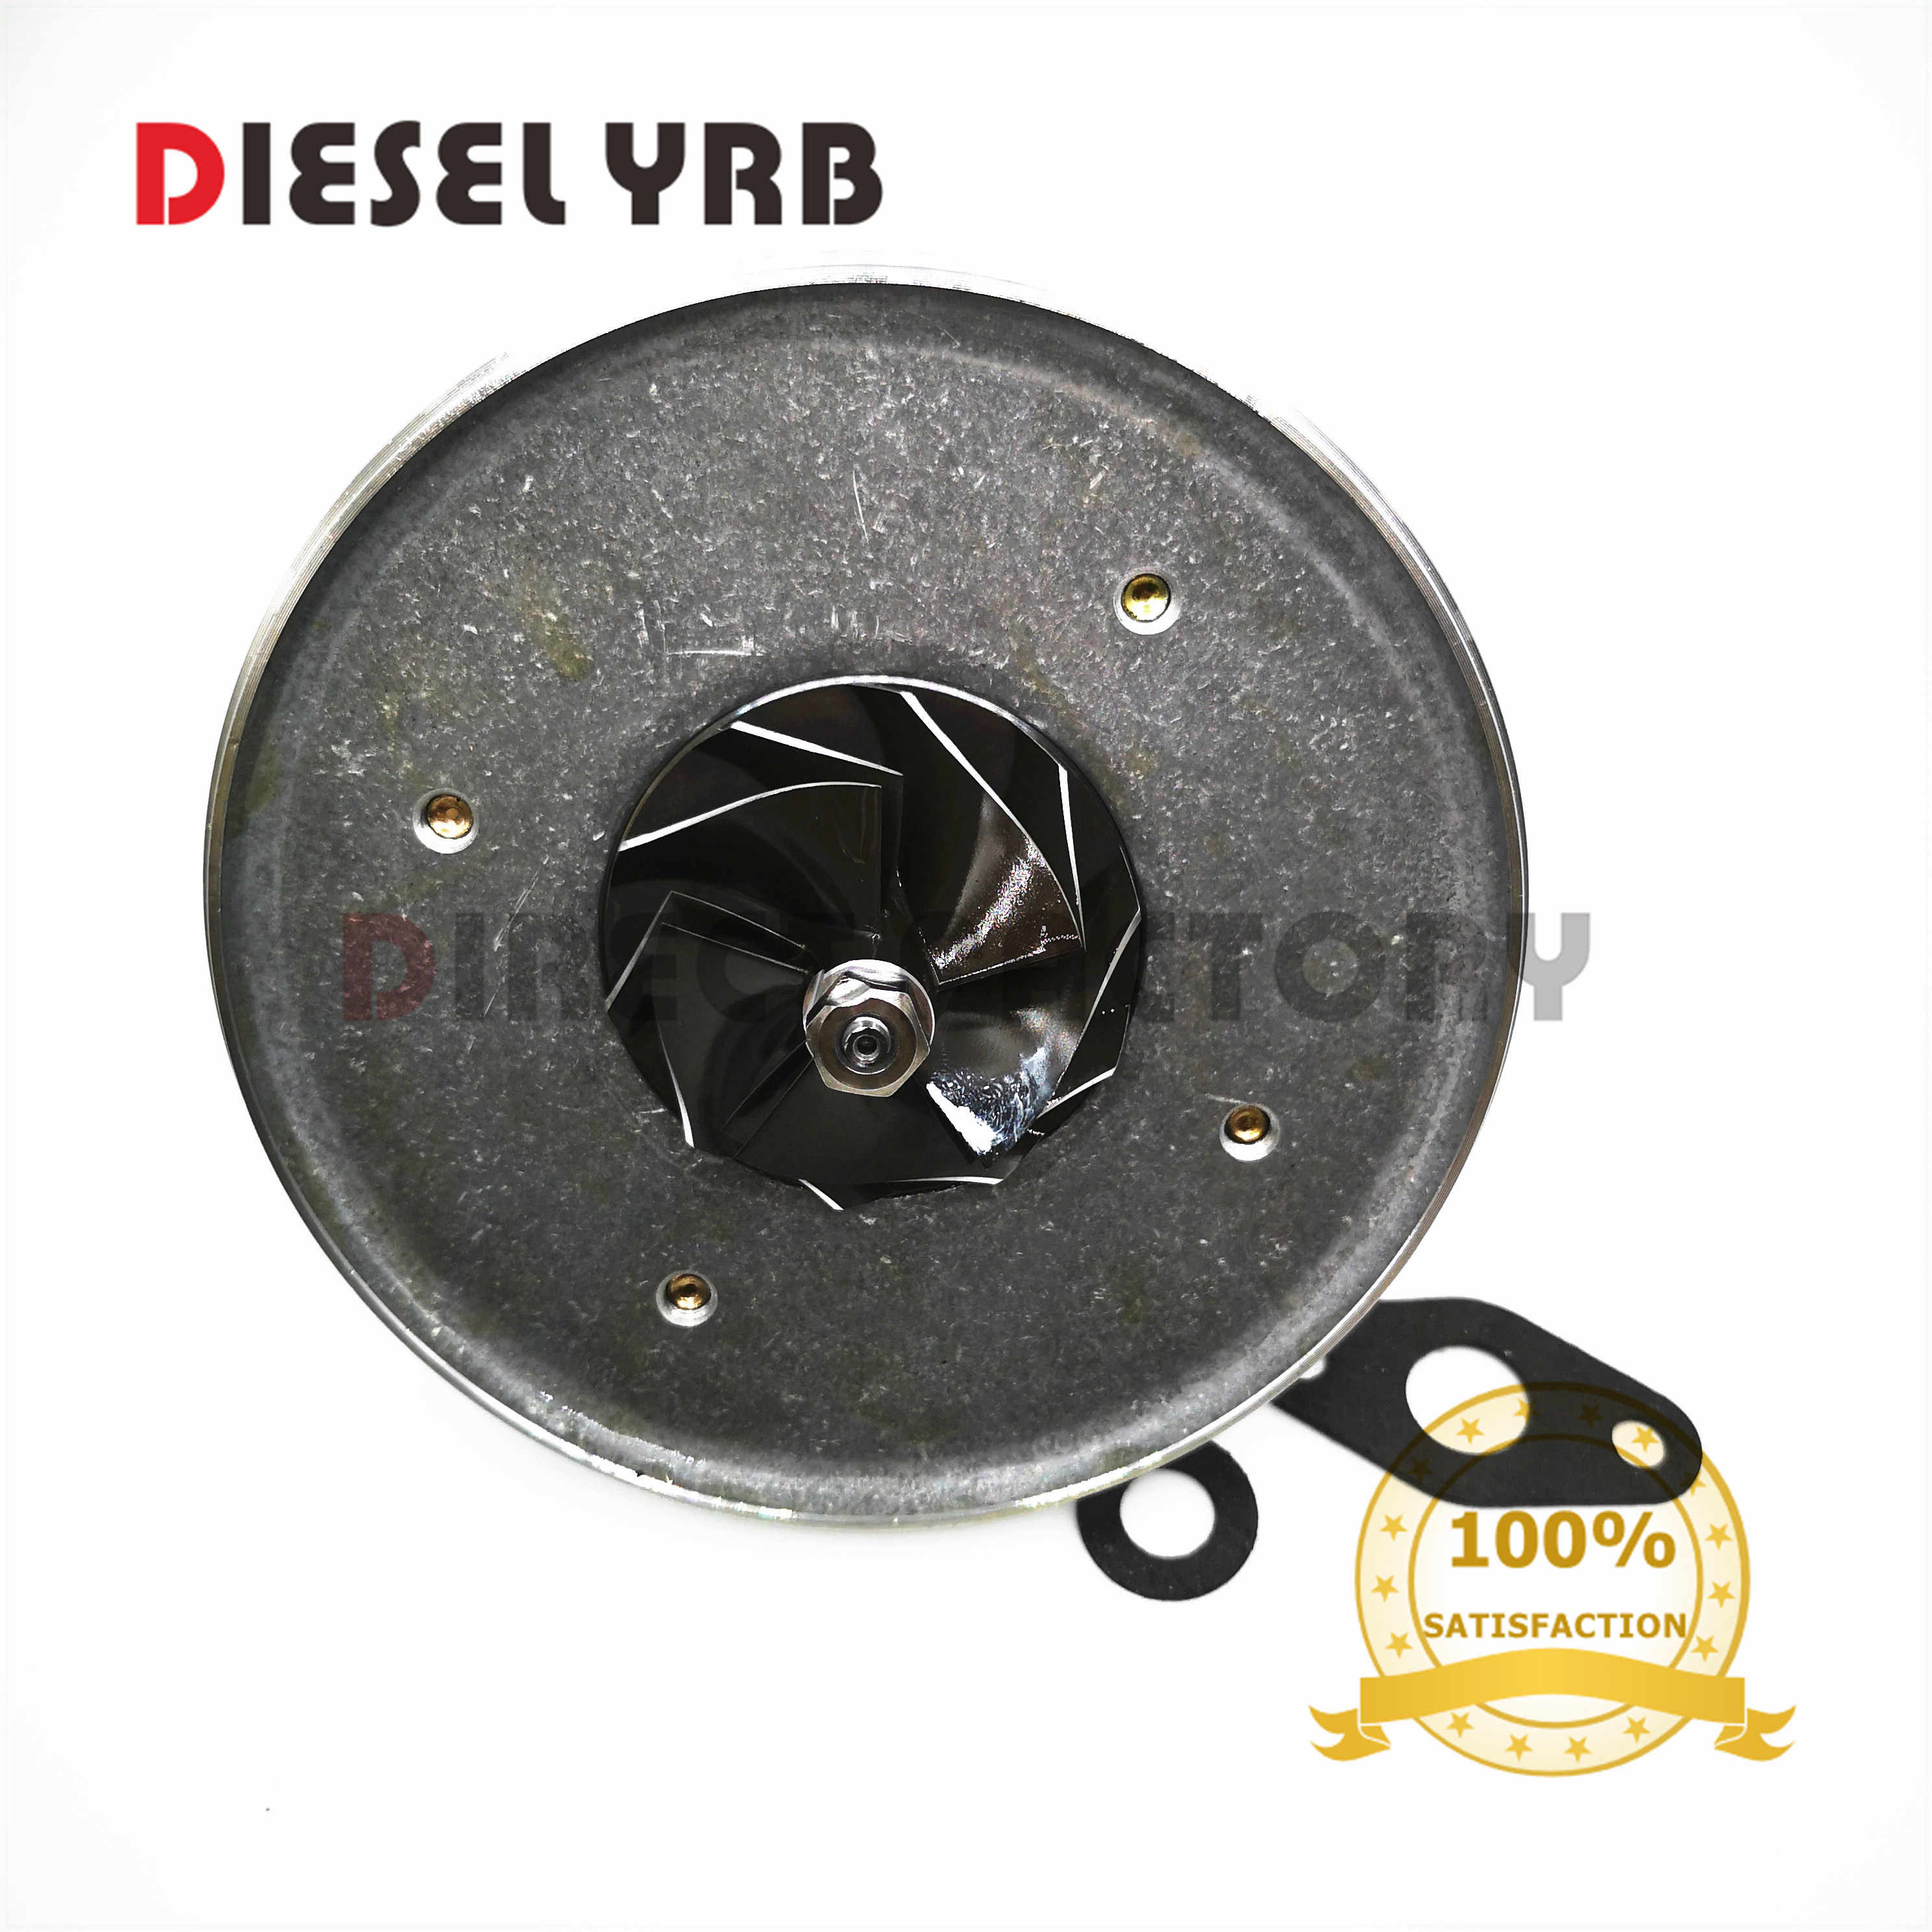 Turbo Core cartridge turbo HT12-19B 144119S000 14411-9S001 for Nissan Navara ZD30 1997-2004 - turbocharger CHRA HT12-19D